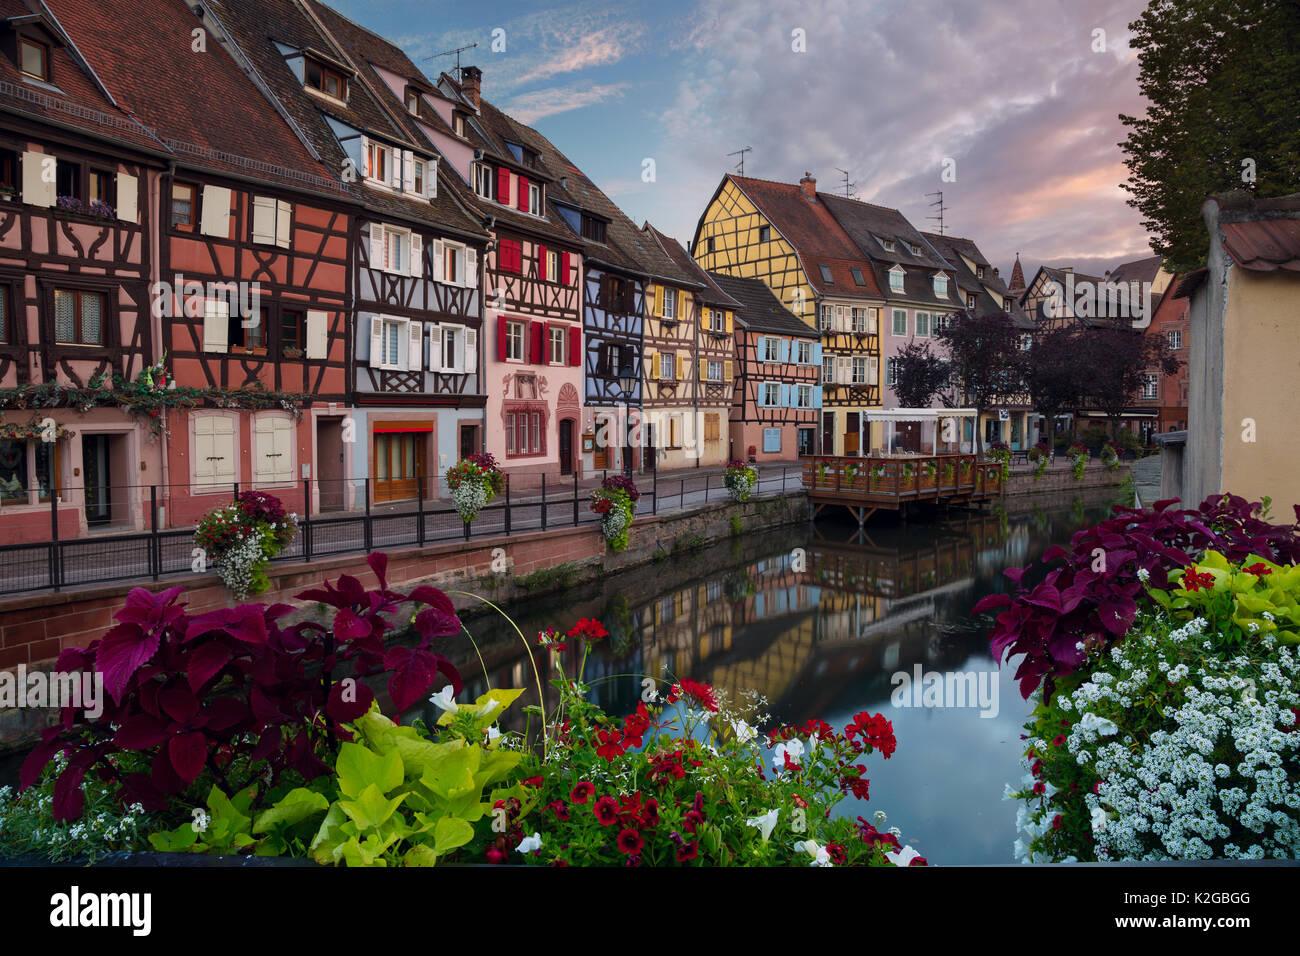 Ville de colmar. cityscape image de vieille ville de Colmar, france pendant le coucher du soleil. Photo Stock